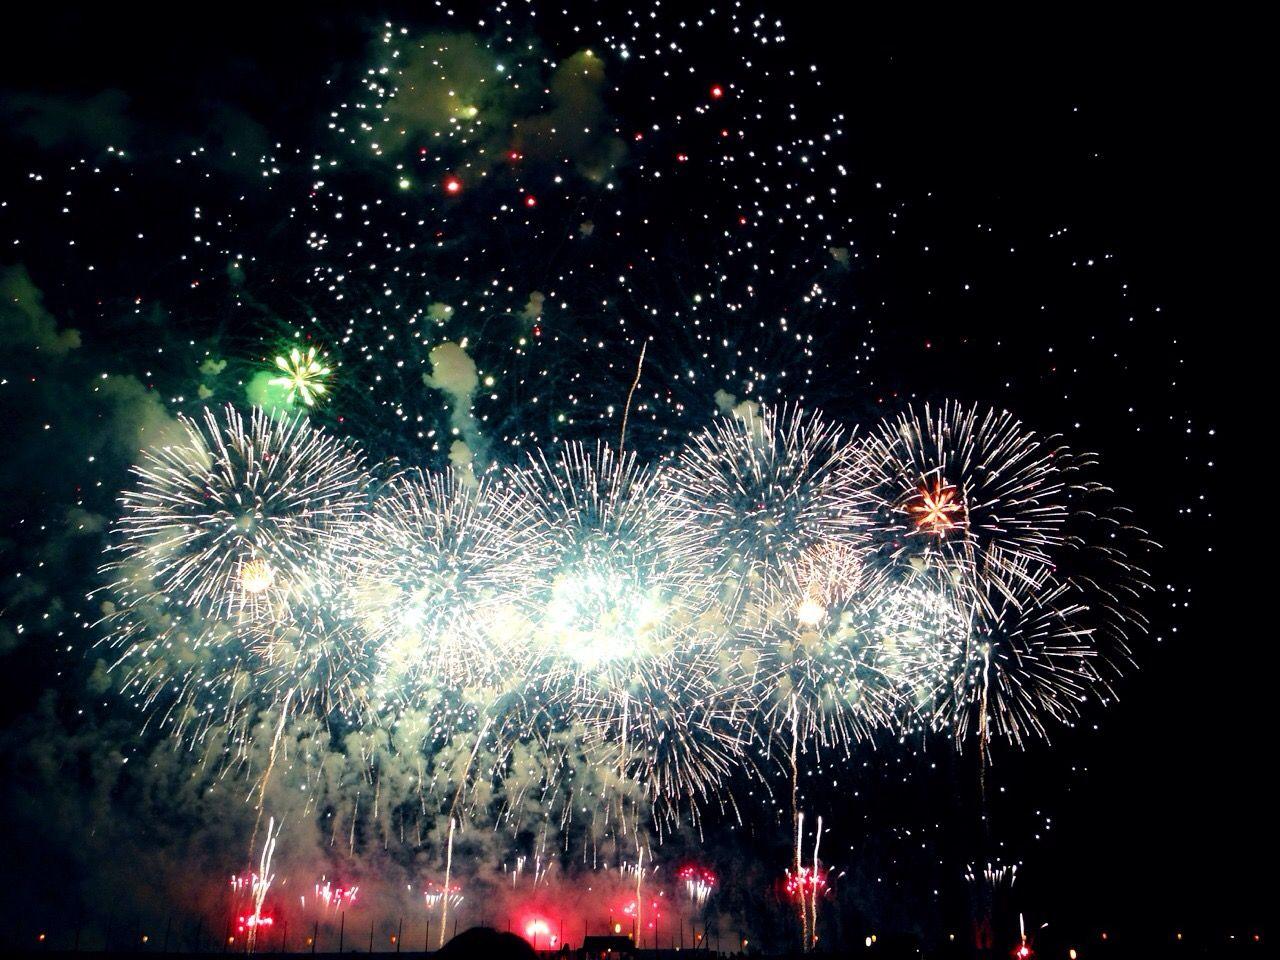 コレぞ日本が誇る圧巻の花火!ド迫力の日本三大花火大会「長岡まつり大花火大会」(新潟)